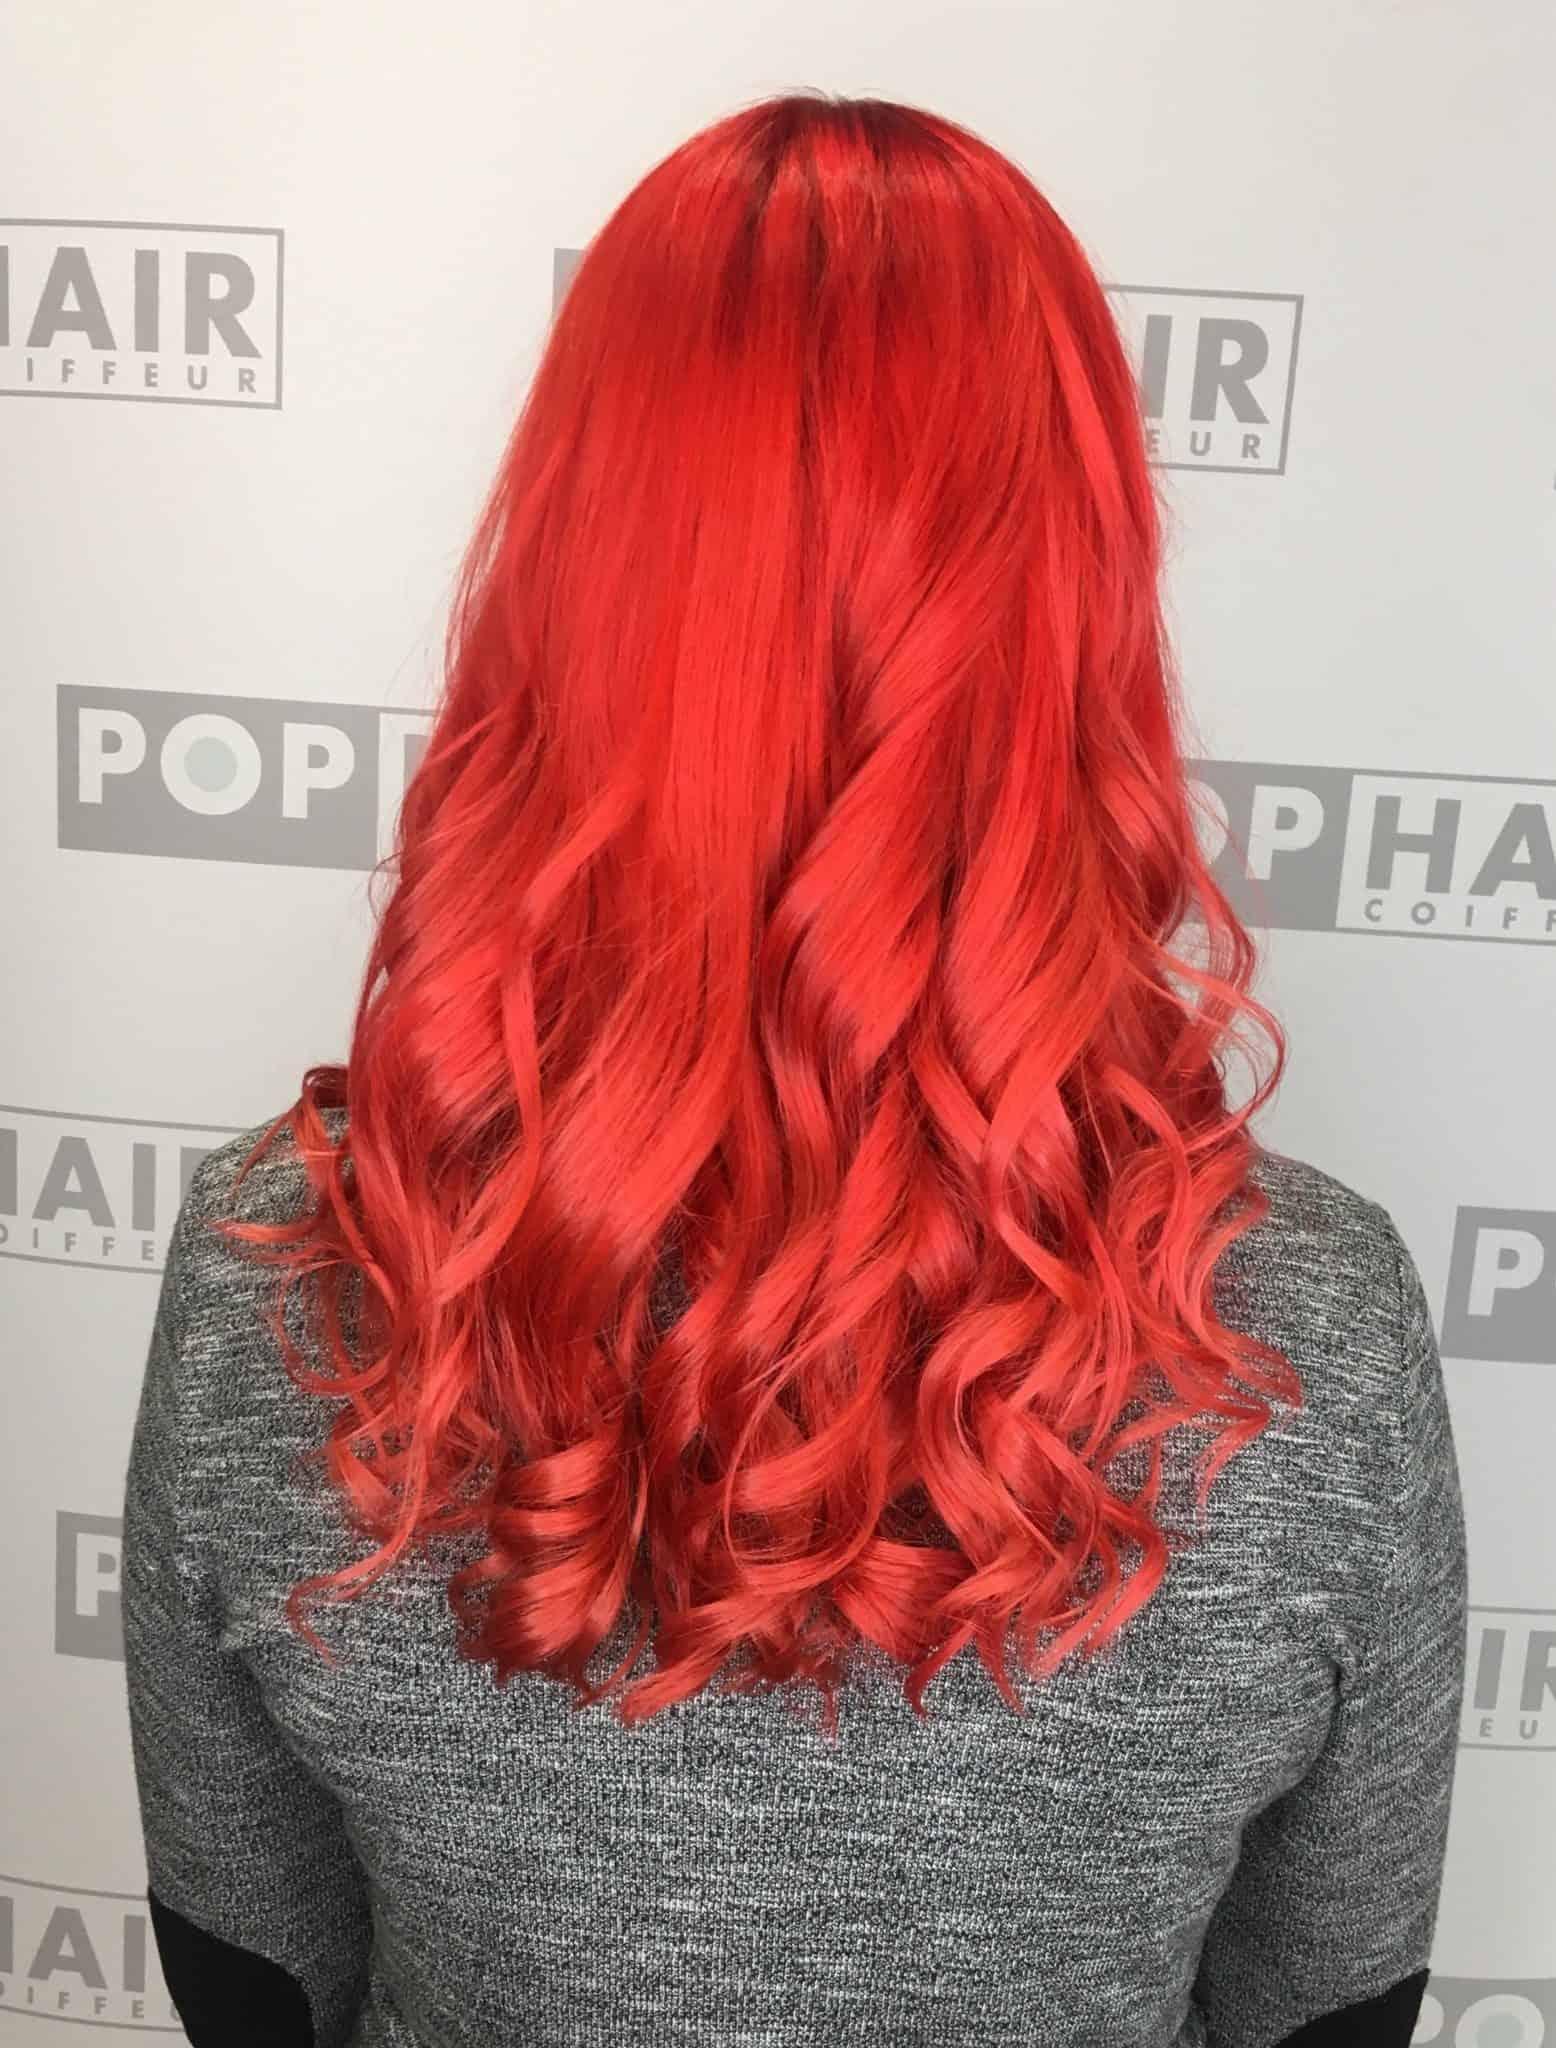 Arielle-Rot